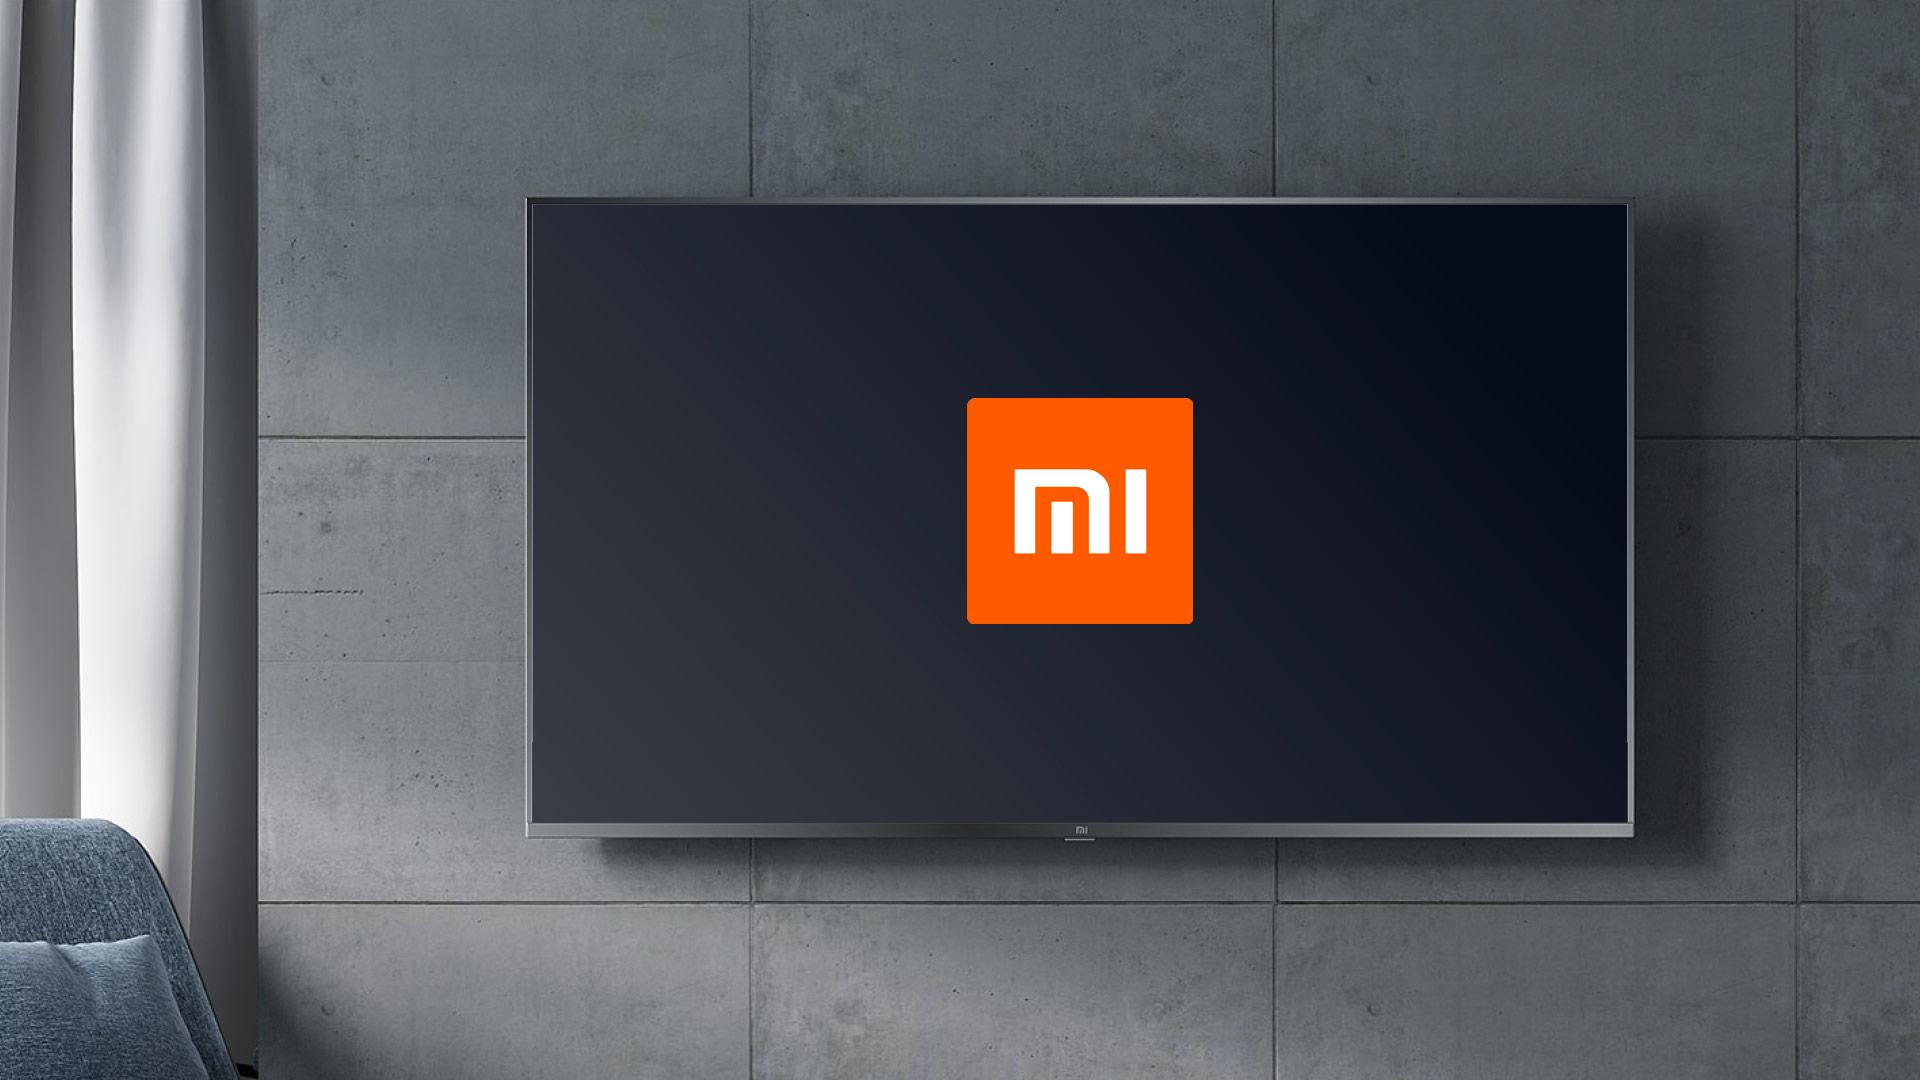 Mi tv 4s Xiaomi cena